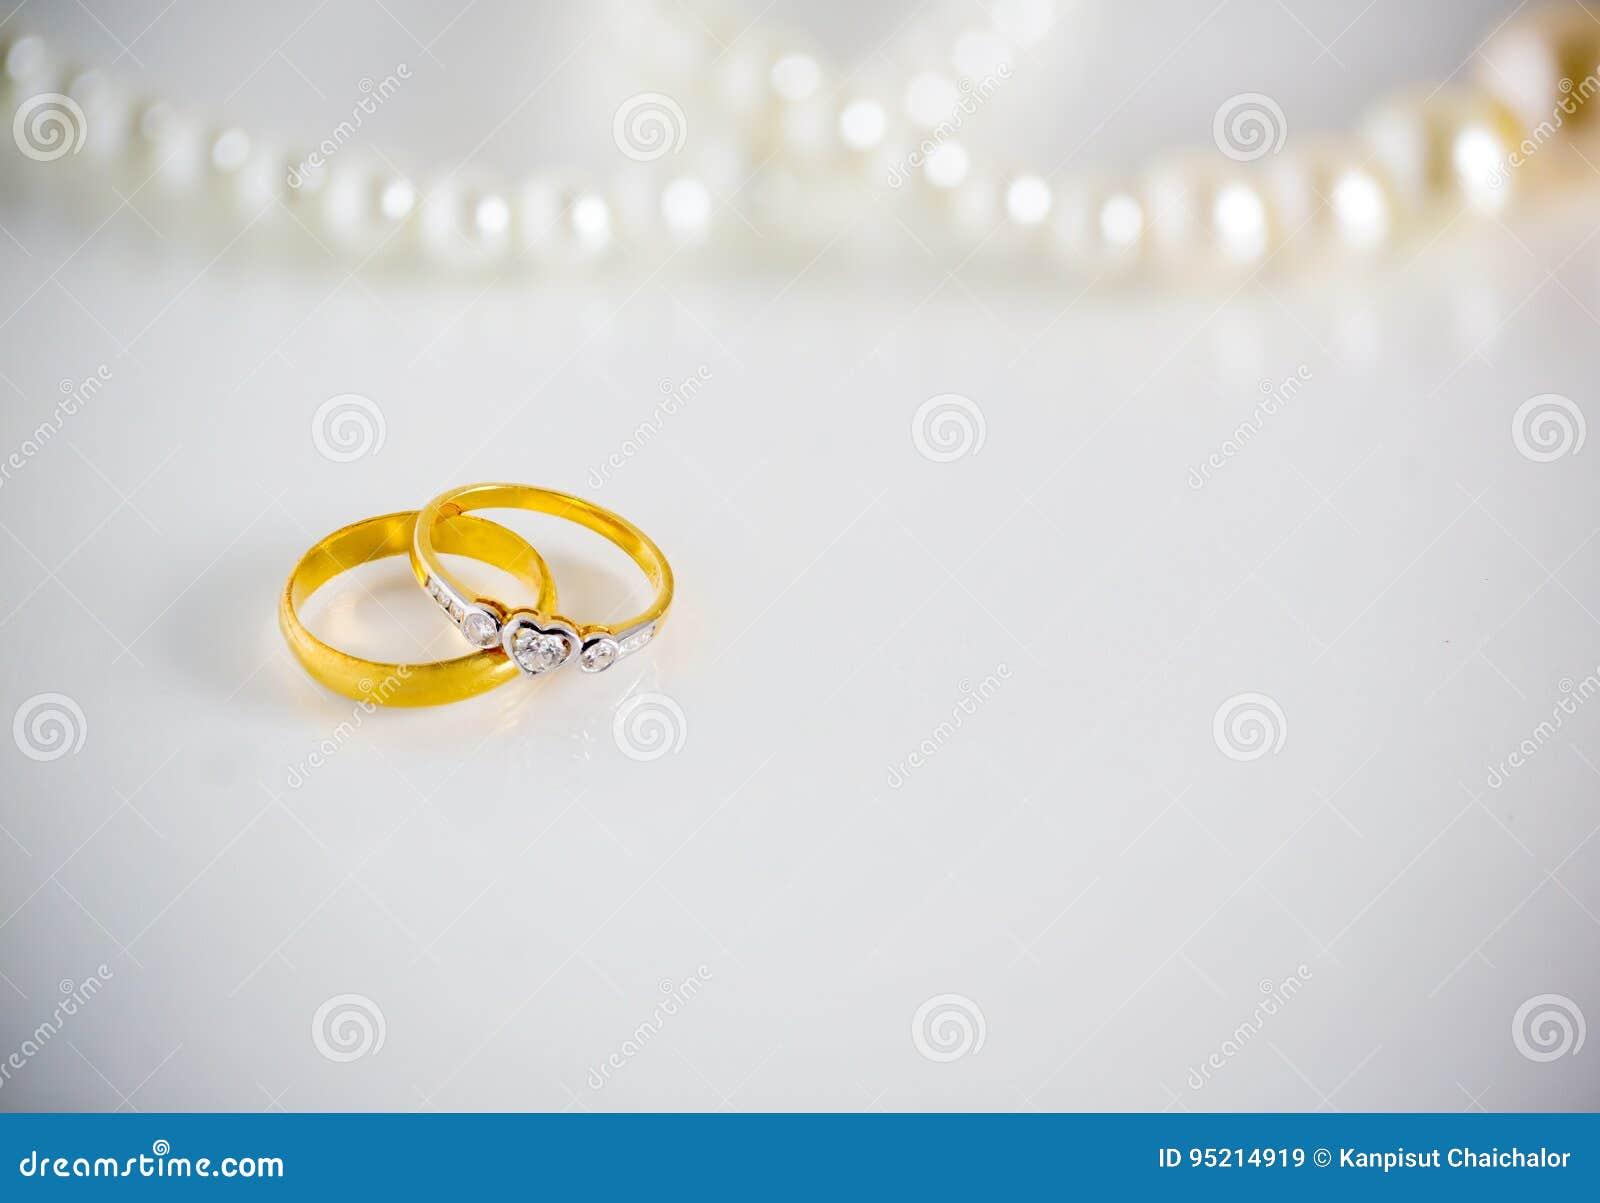 Zwei Ringe Der Diamantenen Hochzeit Fur Brautigam Und Braut Mit